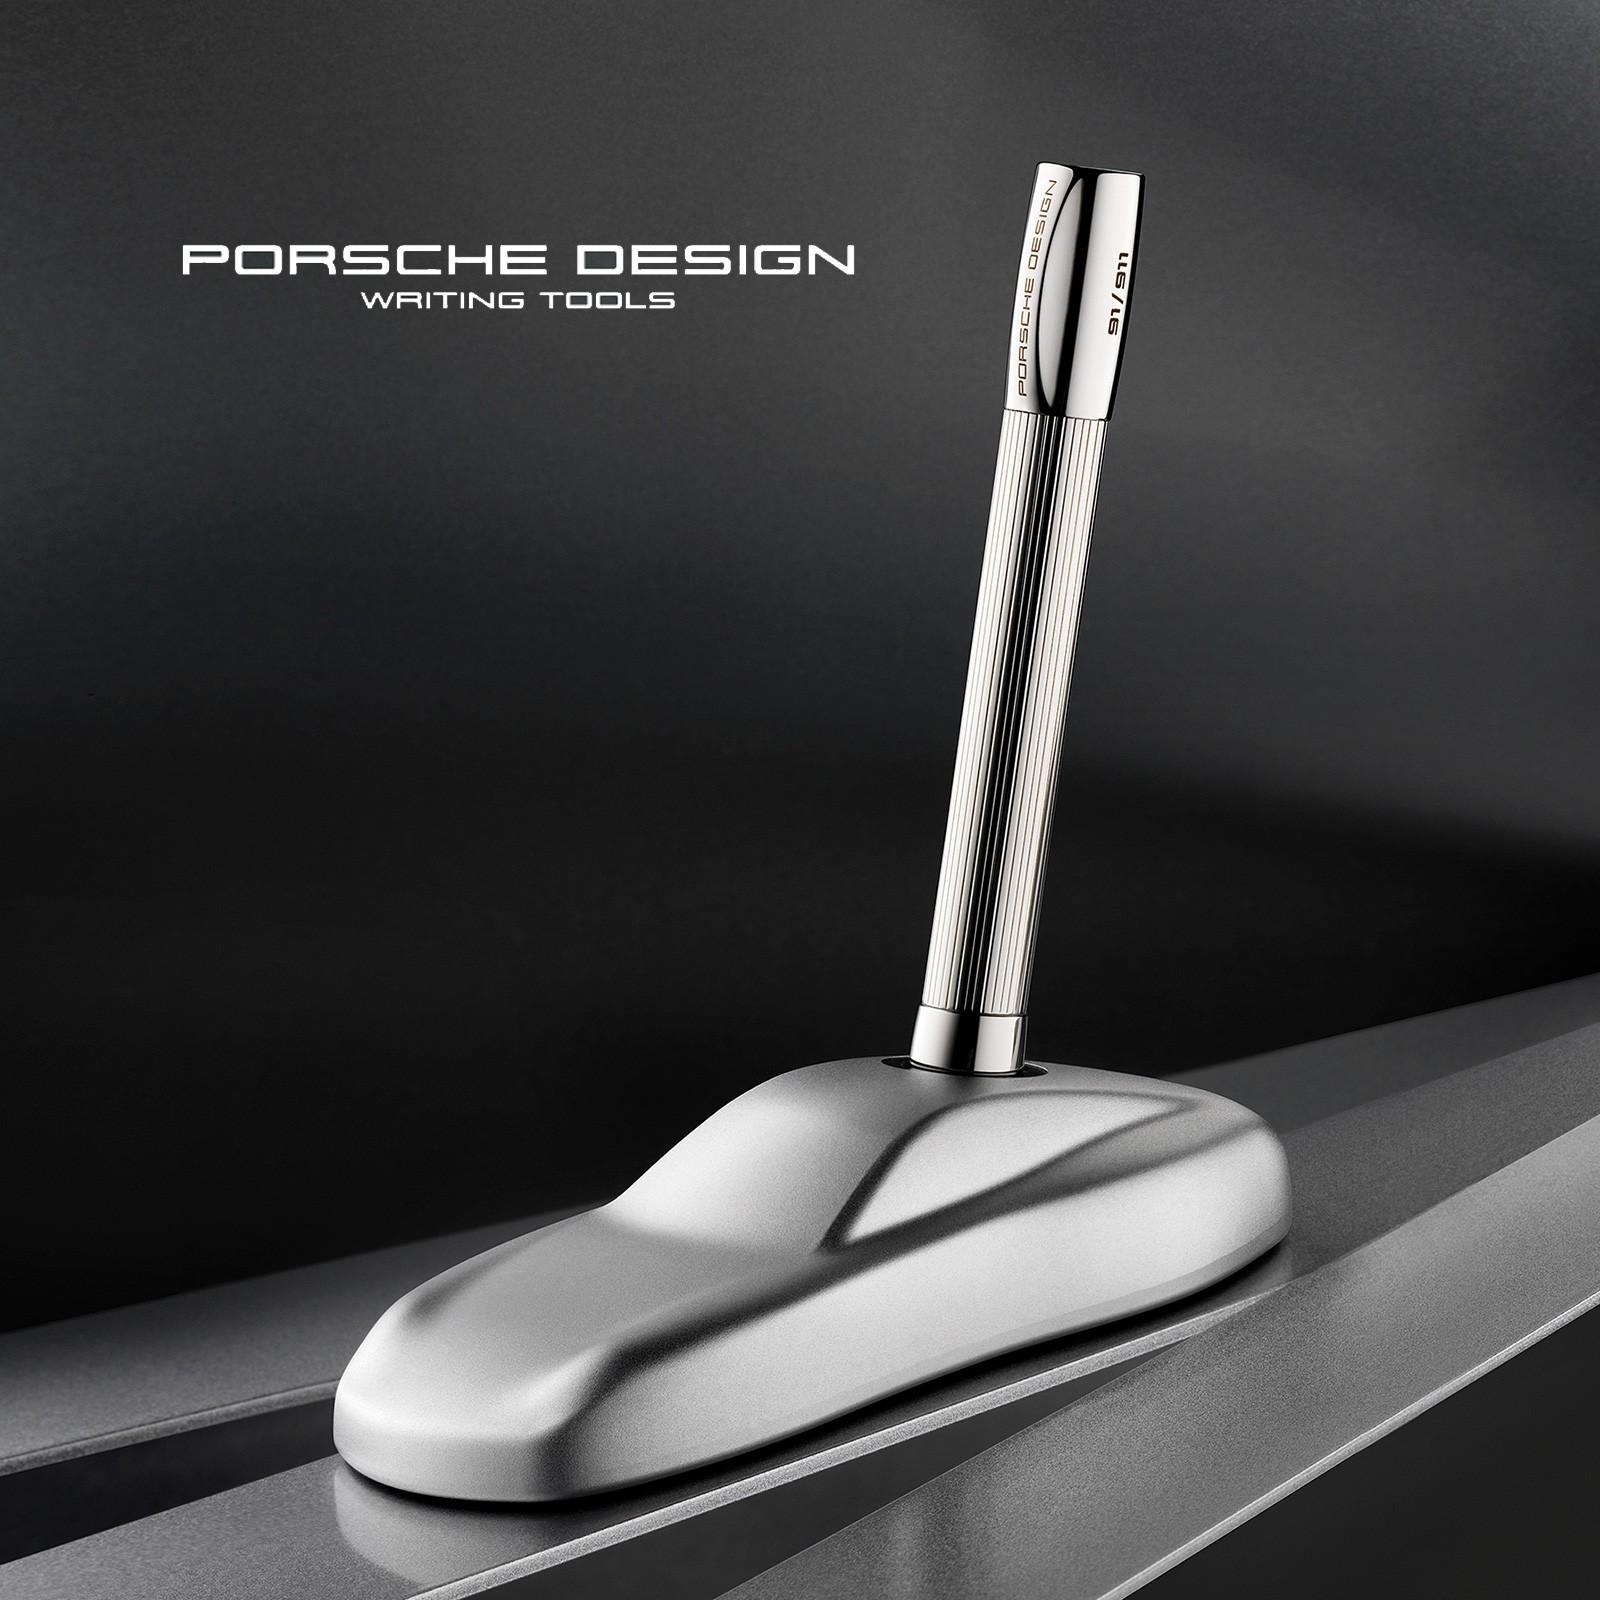 Porsche Design Shake Pen of the year 2017